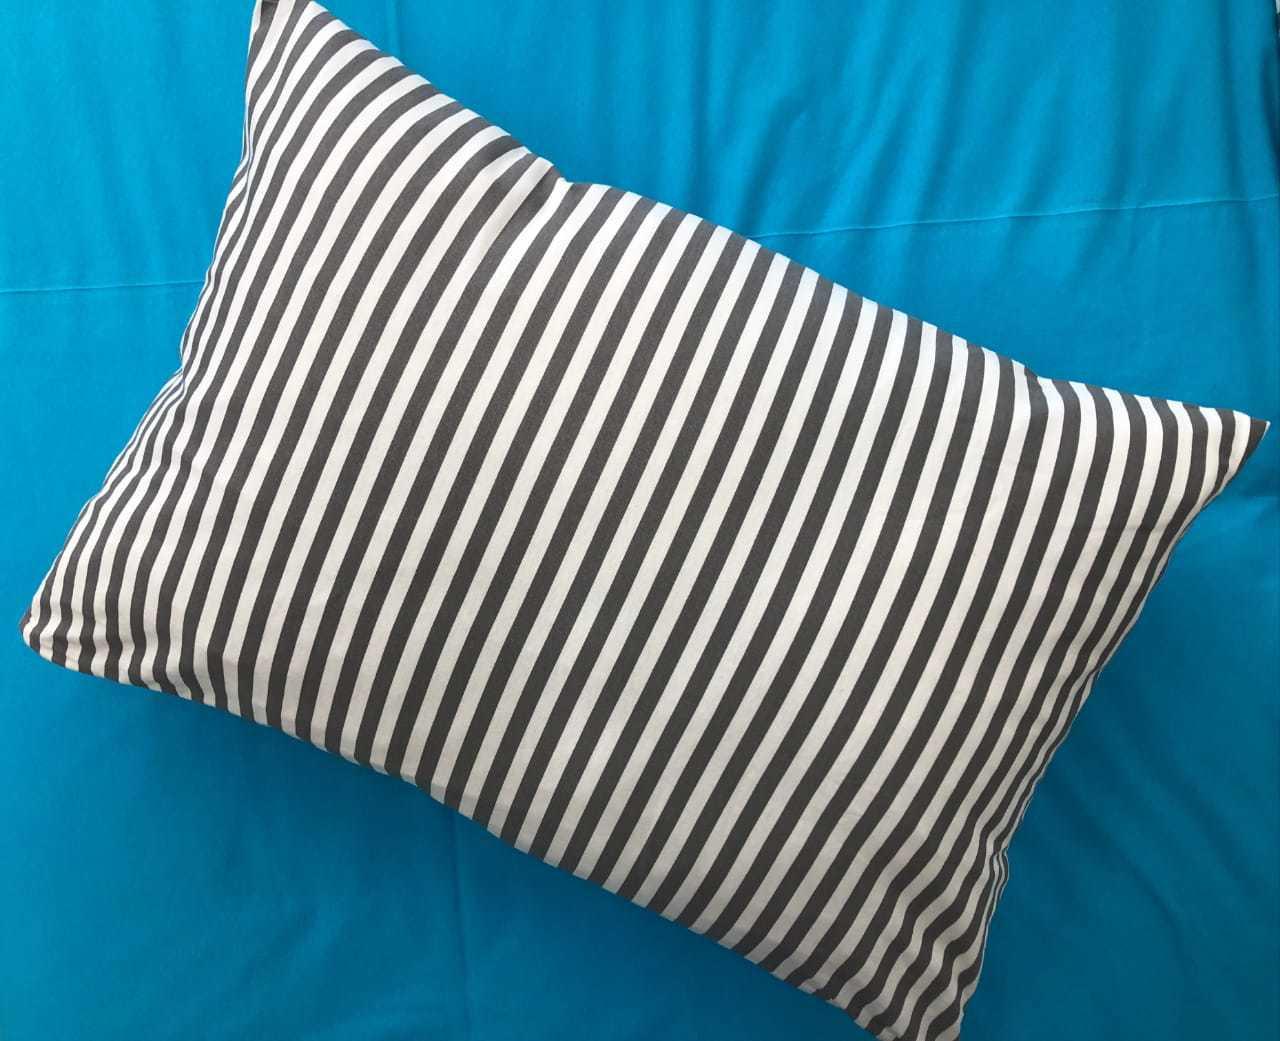 ПОЛОСКА - 1,5-спальный комплект постельного белья